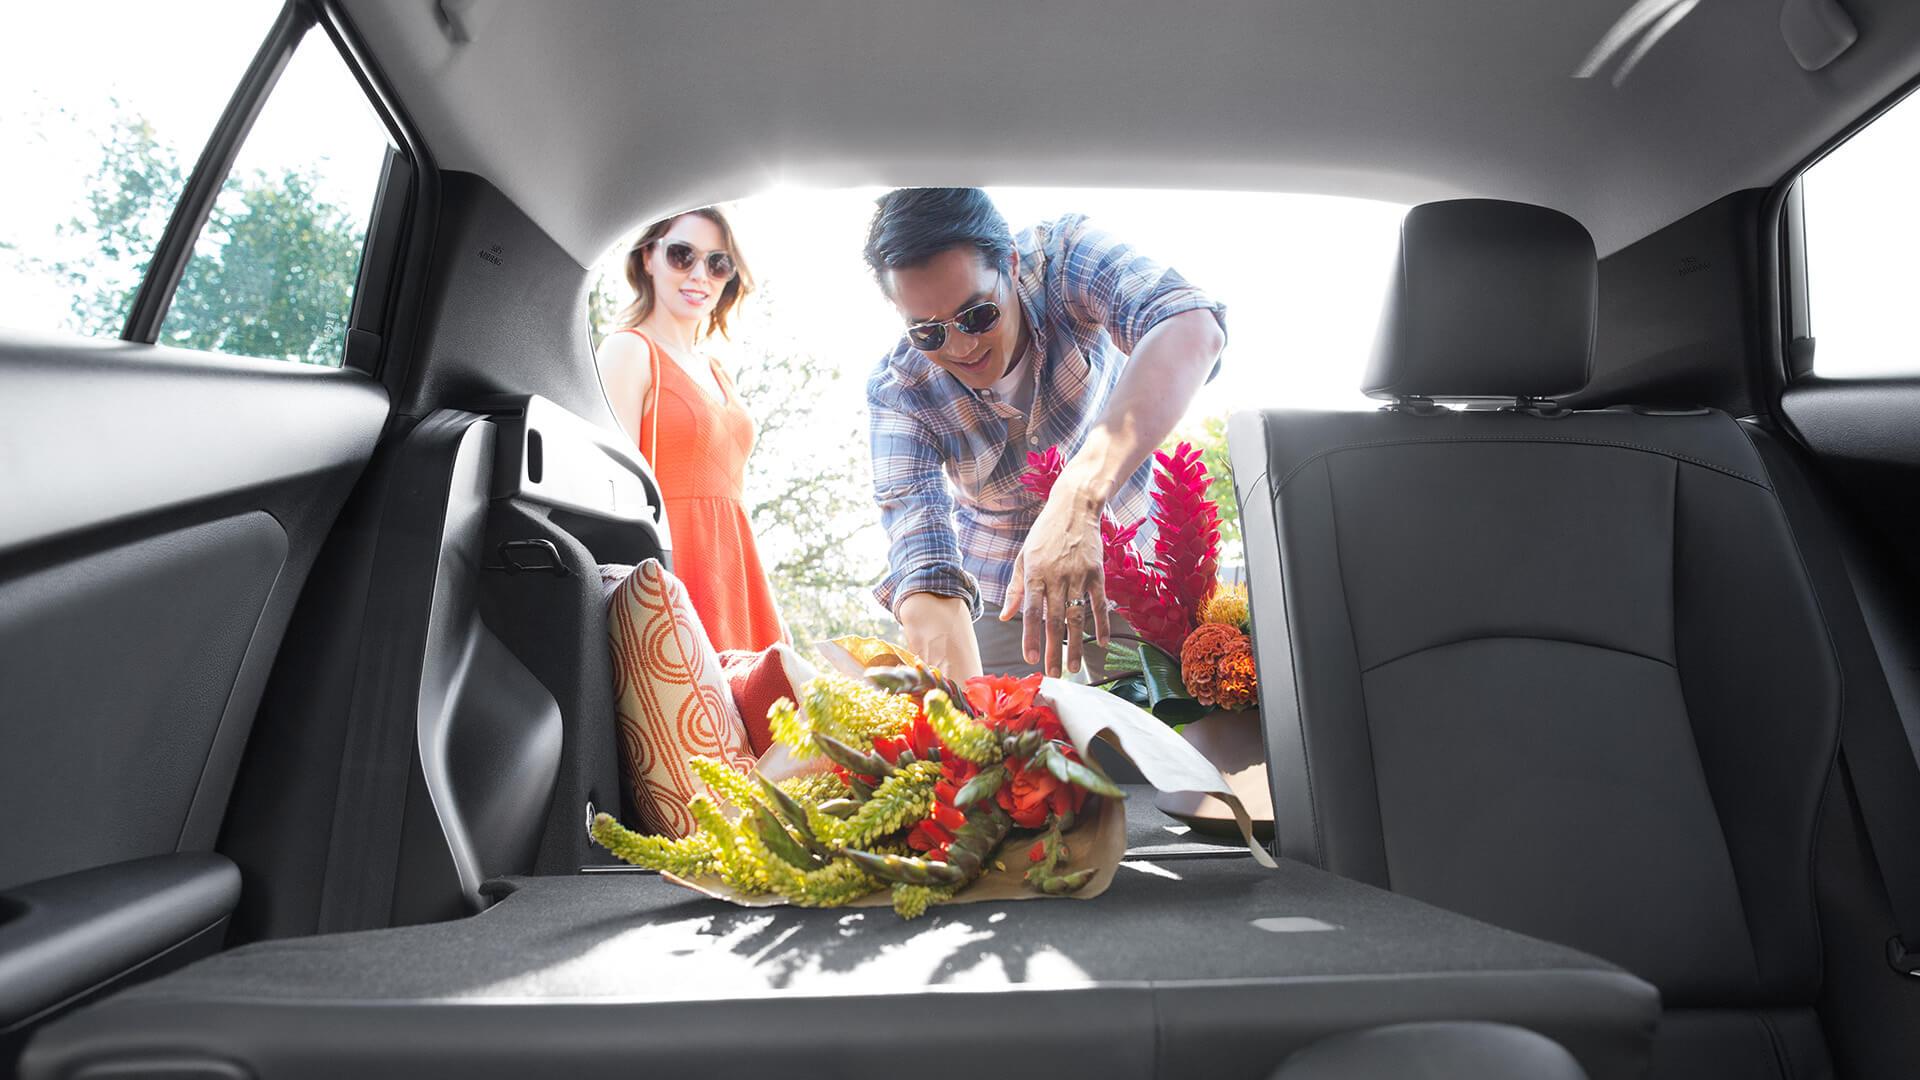 2016 Toyota Prius interior space